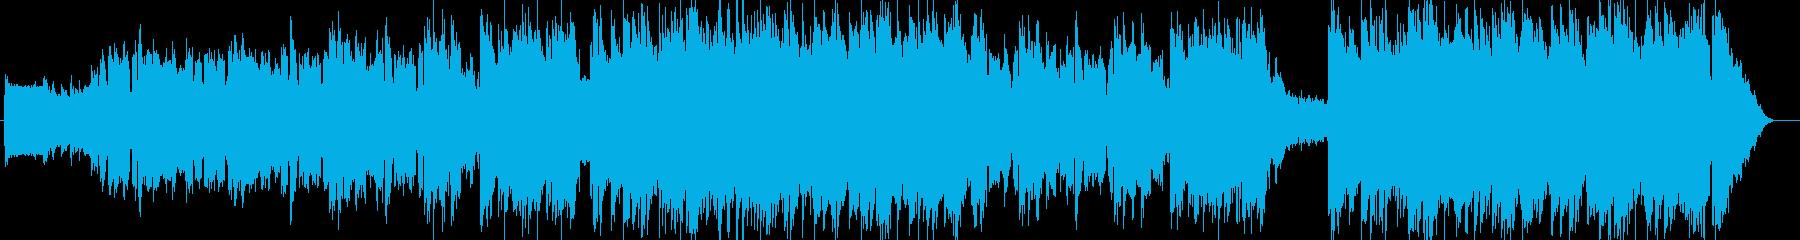 キラキラに切なさが混じったアーバンポップの再生済みの波形